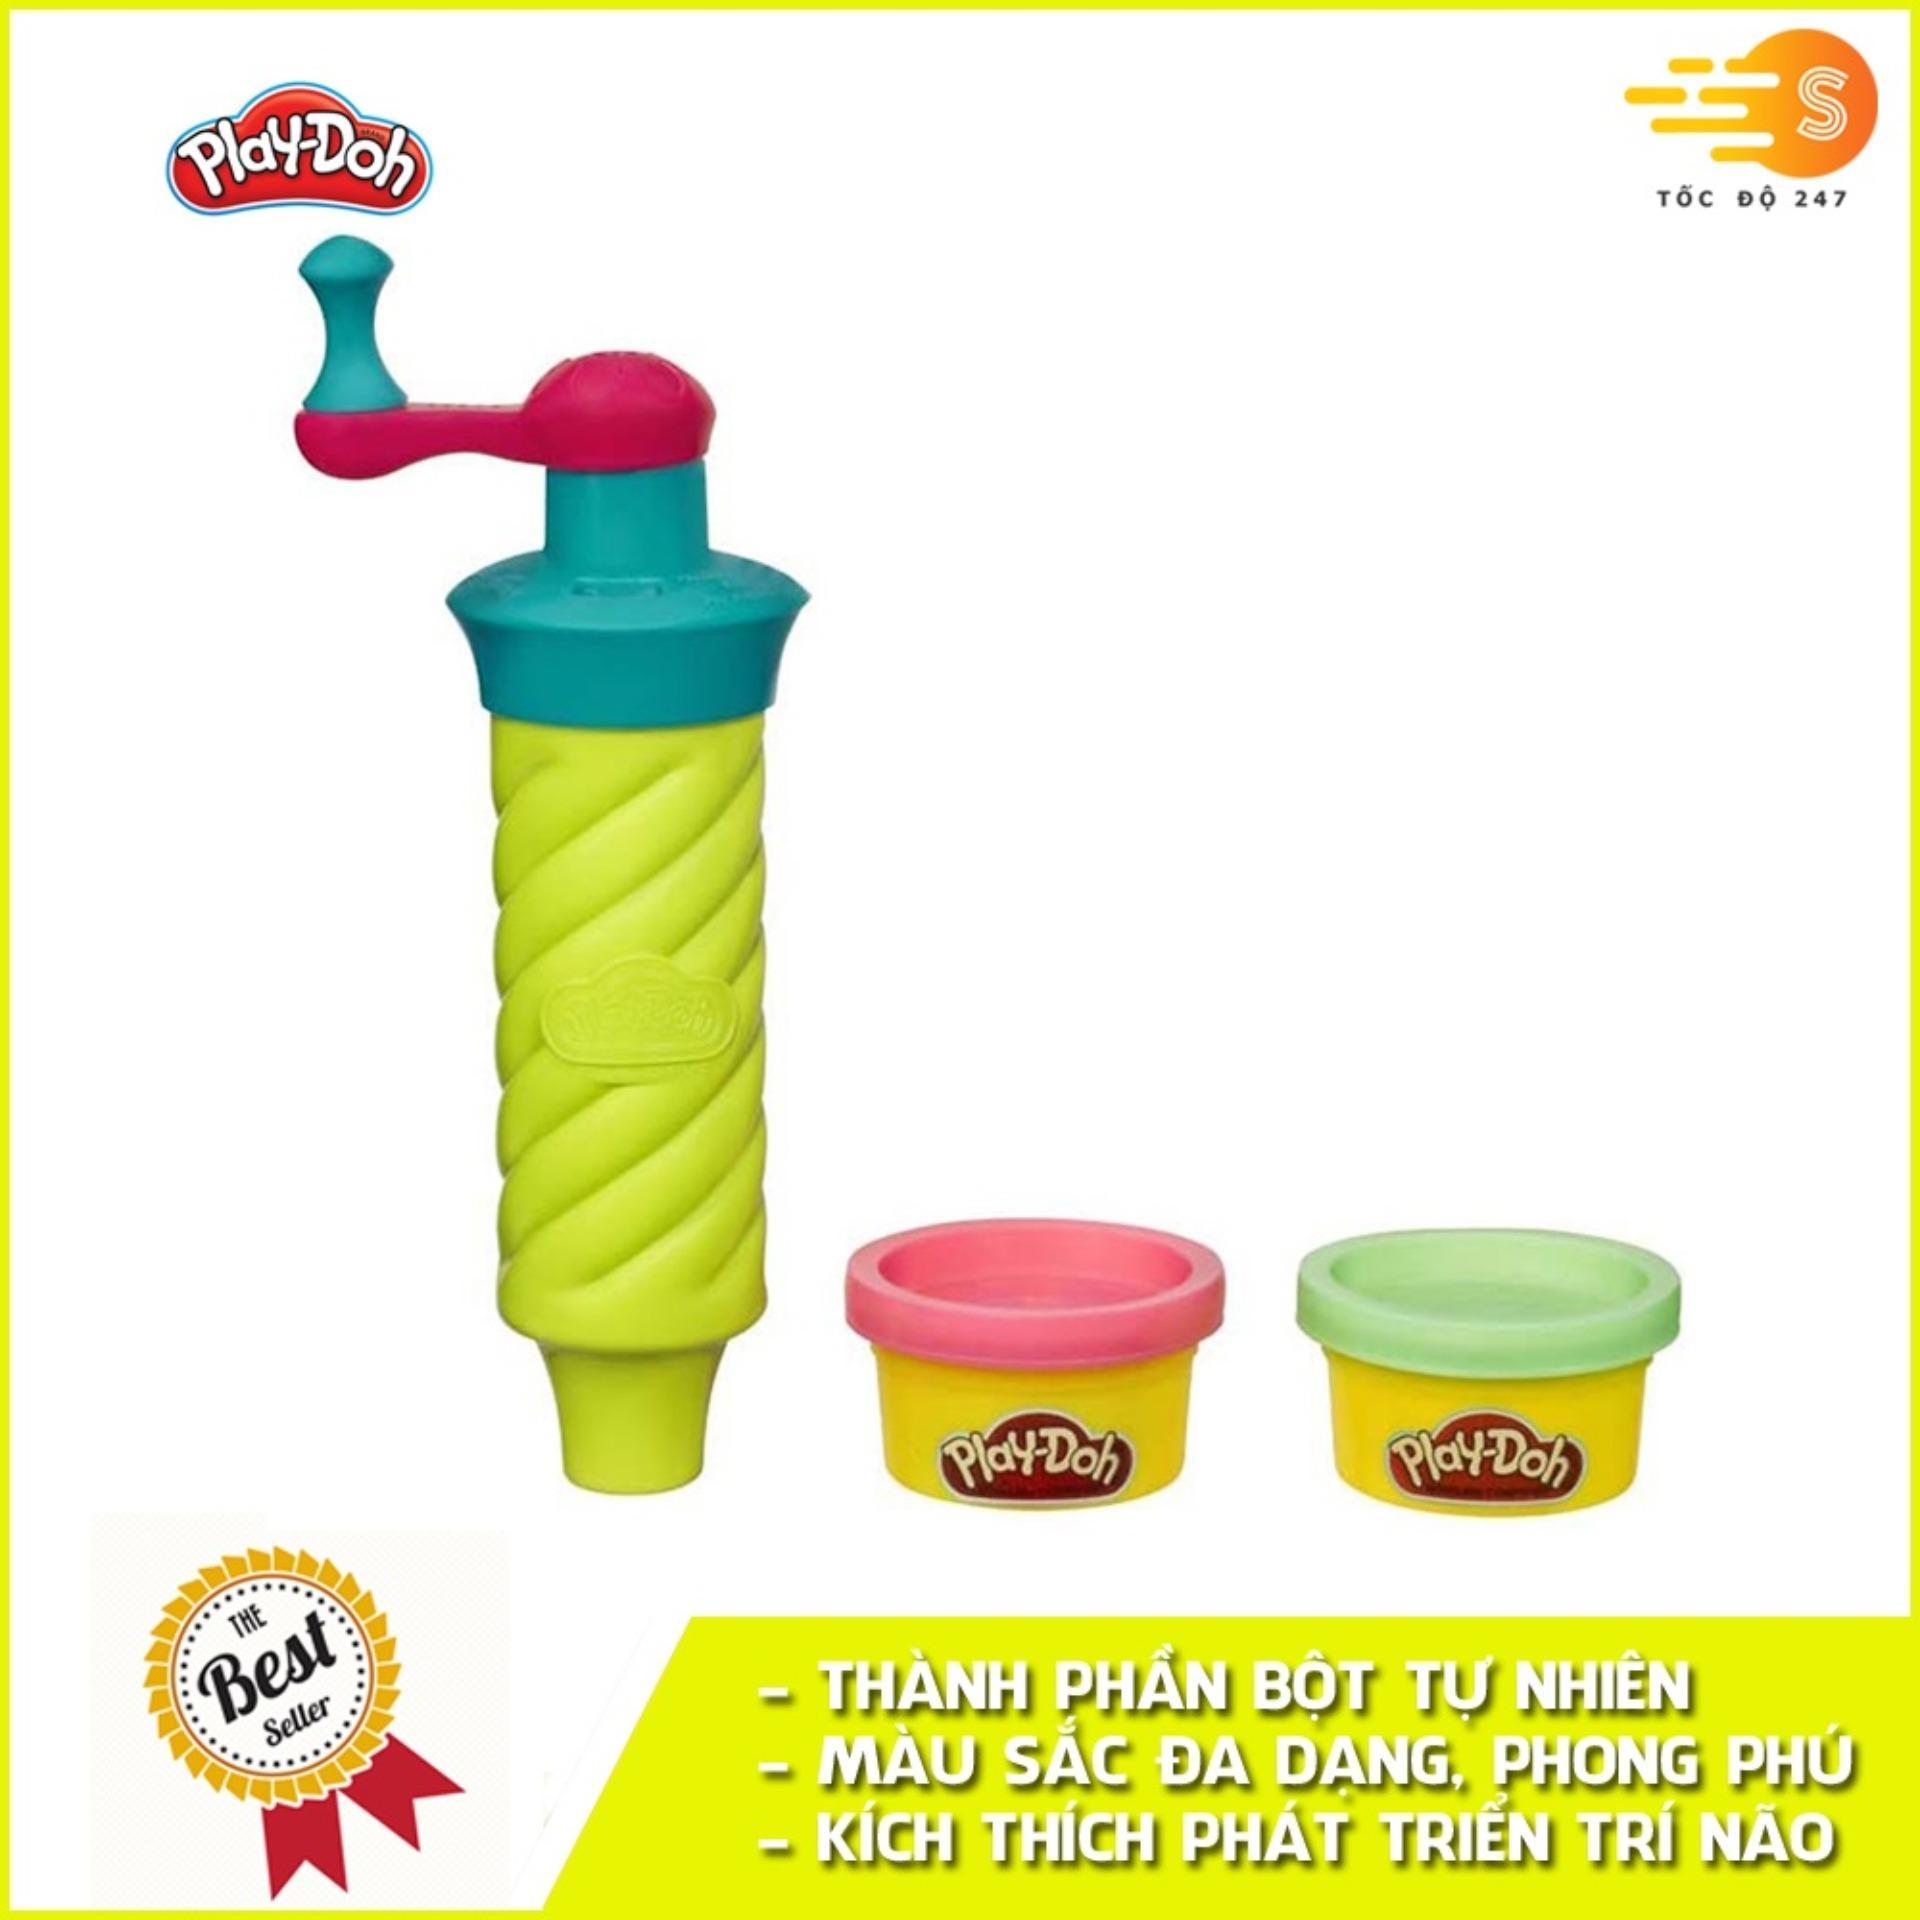 Bộ Bột Nặn Tạo Hình Dụng Cụ Thần Kỳ Play-Doh 22825 Giá Ưu Đãi Nhất